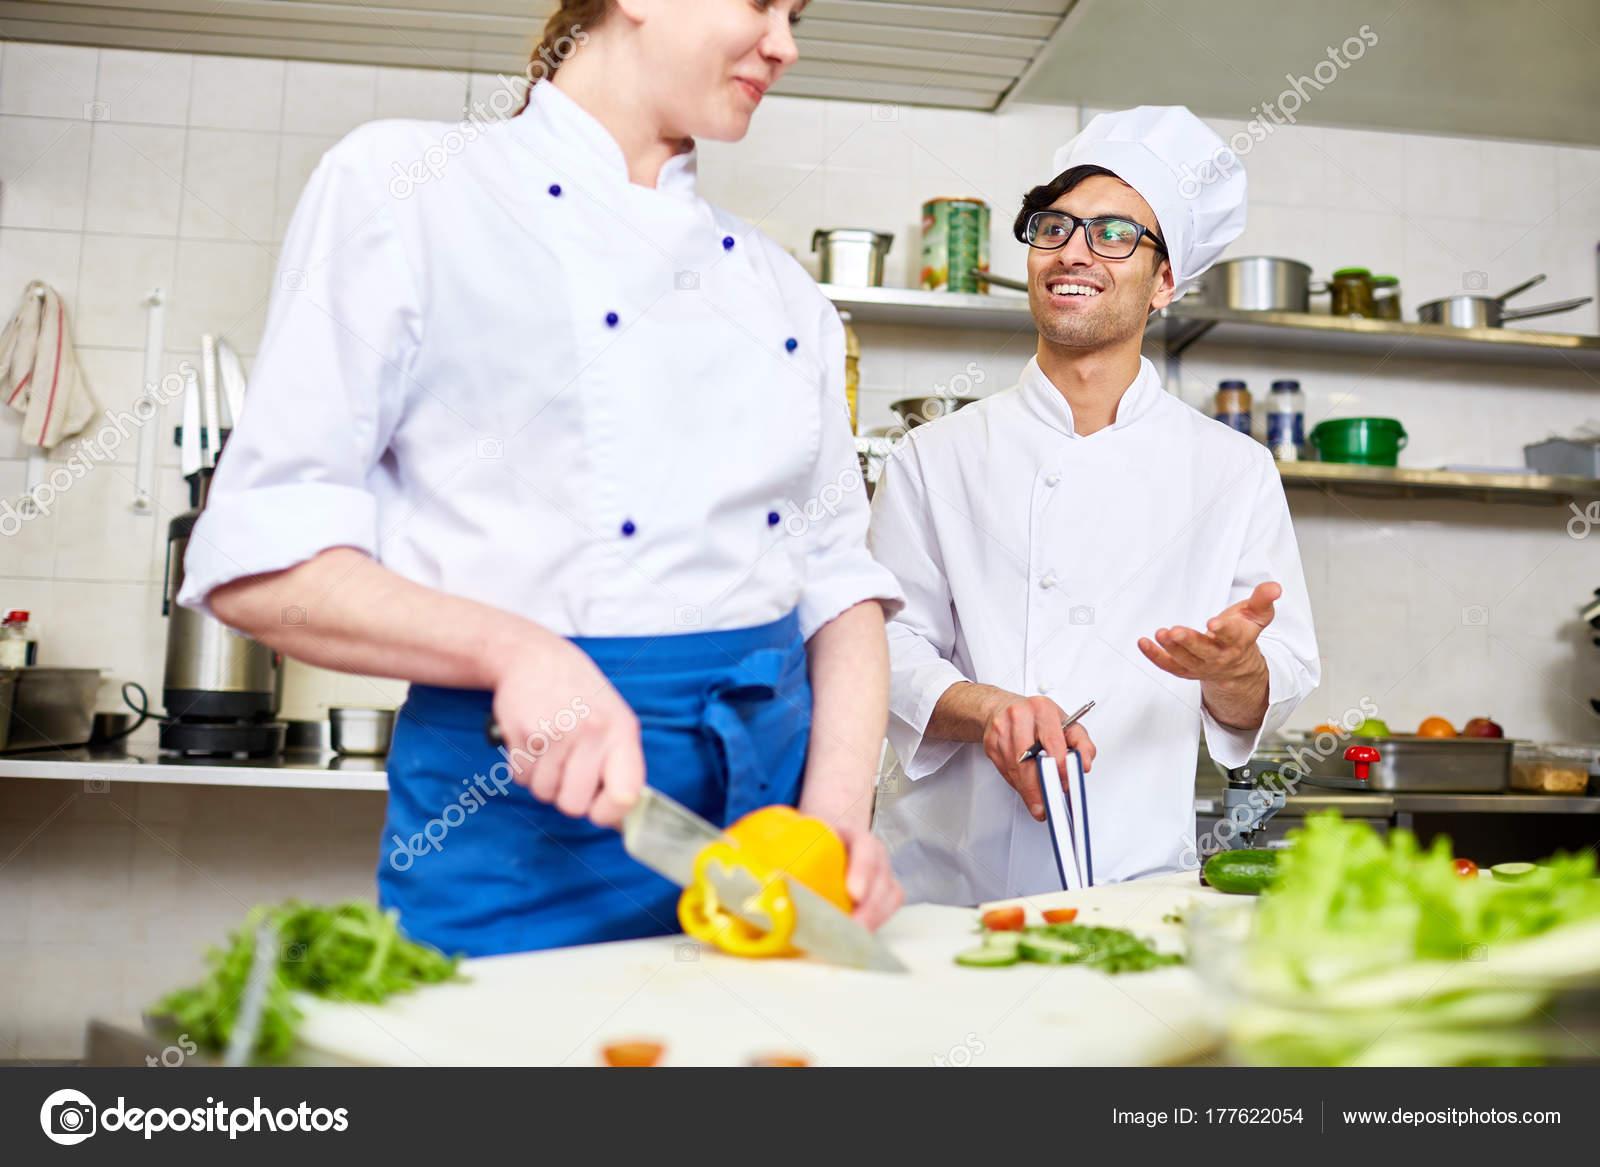 Contemporáneo Chef Uniforme Consultoría Aprendiz Cocina — Foto de ...